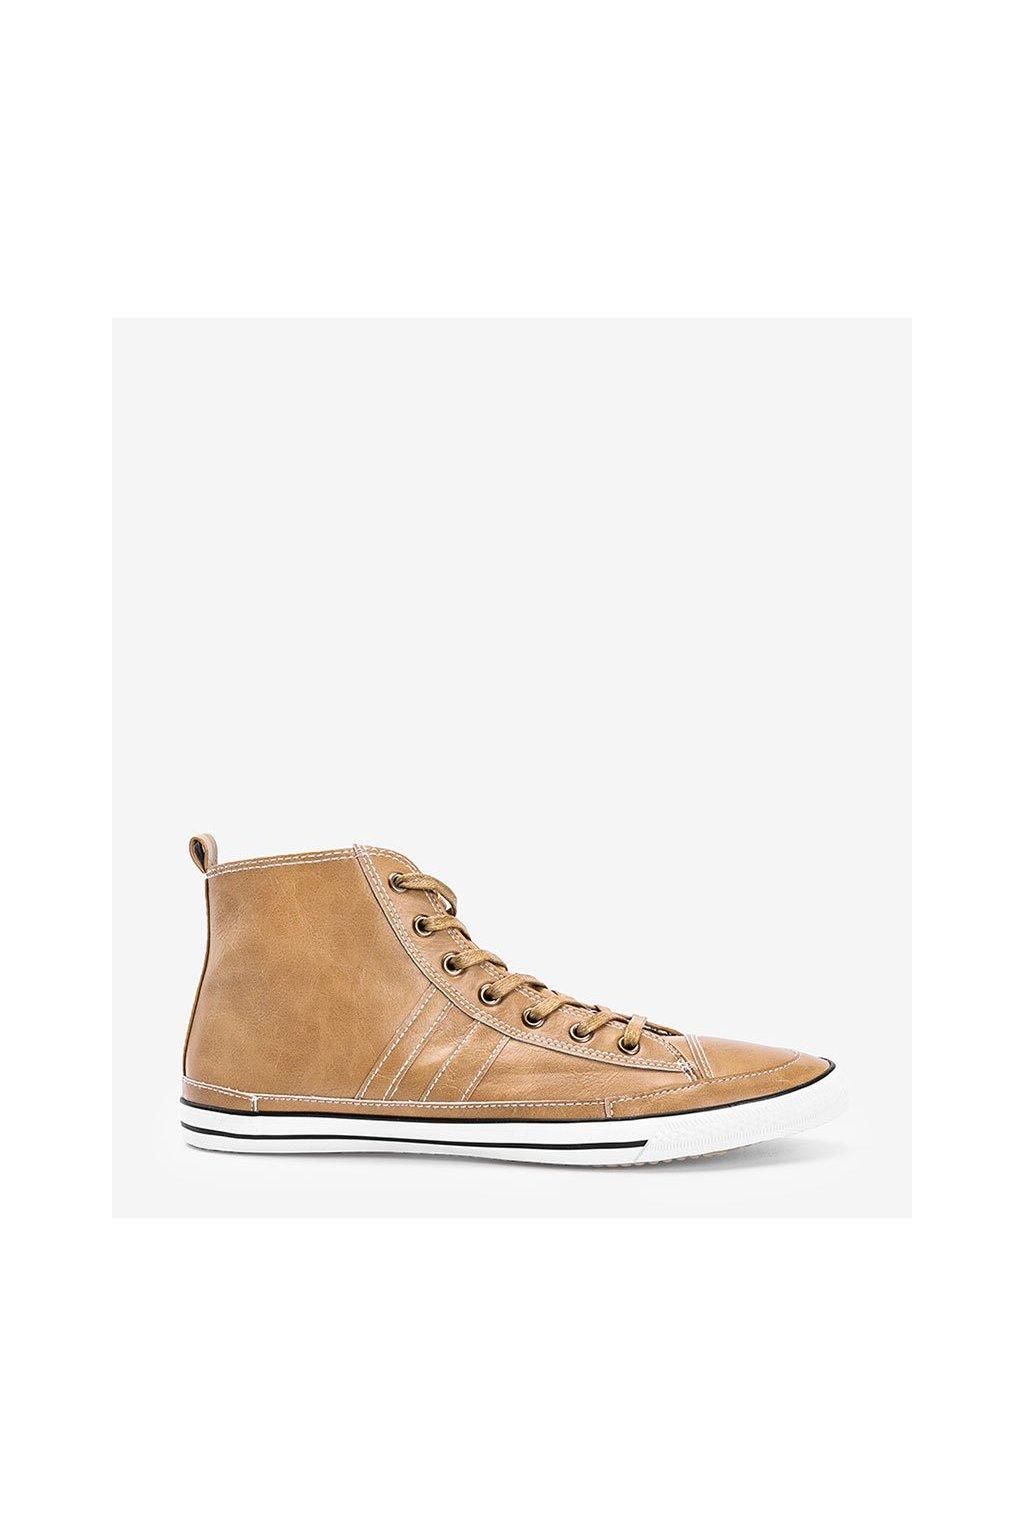 Pánske topánky tenisky hnedé kód 003 - GM